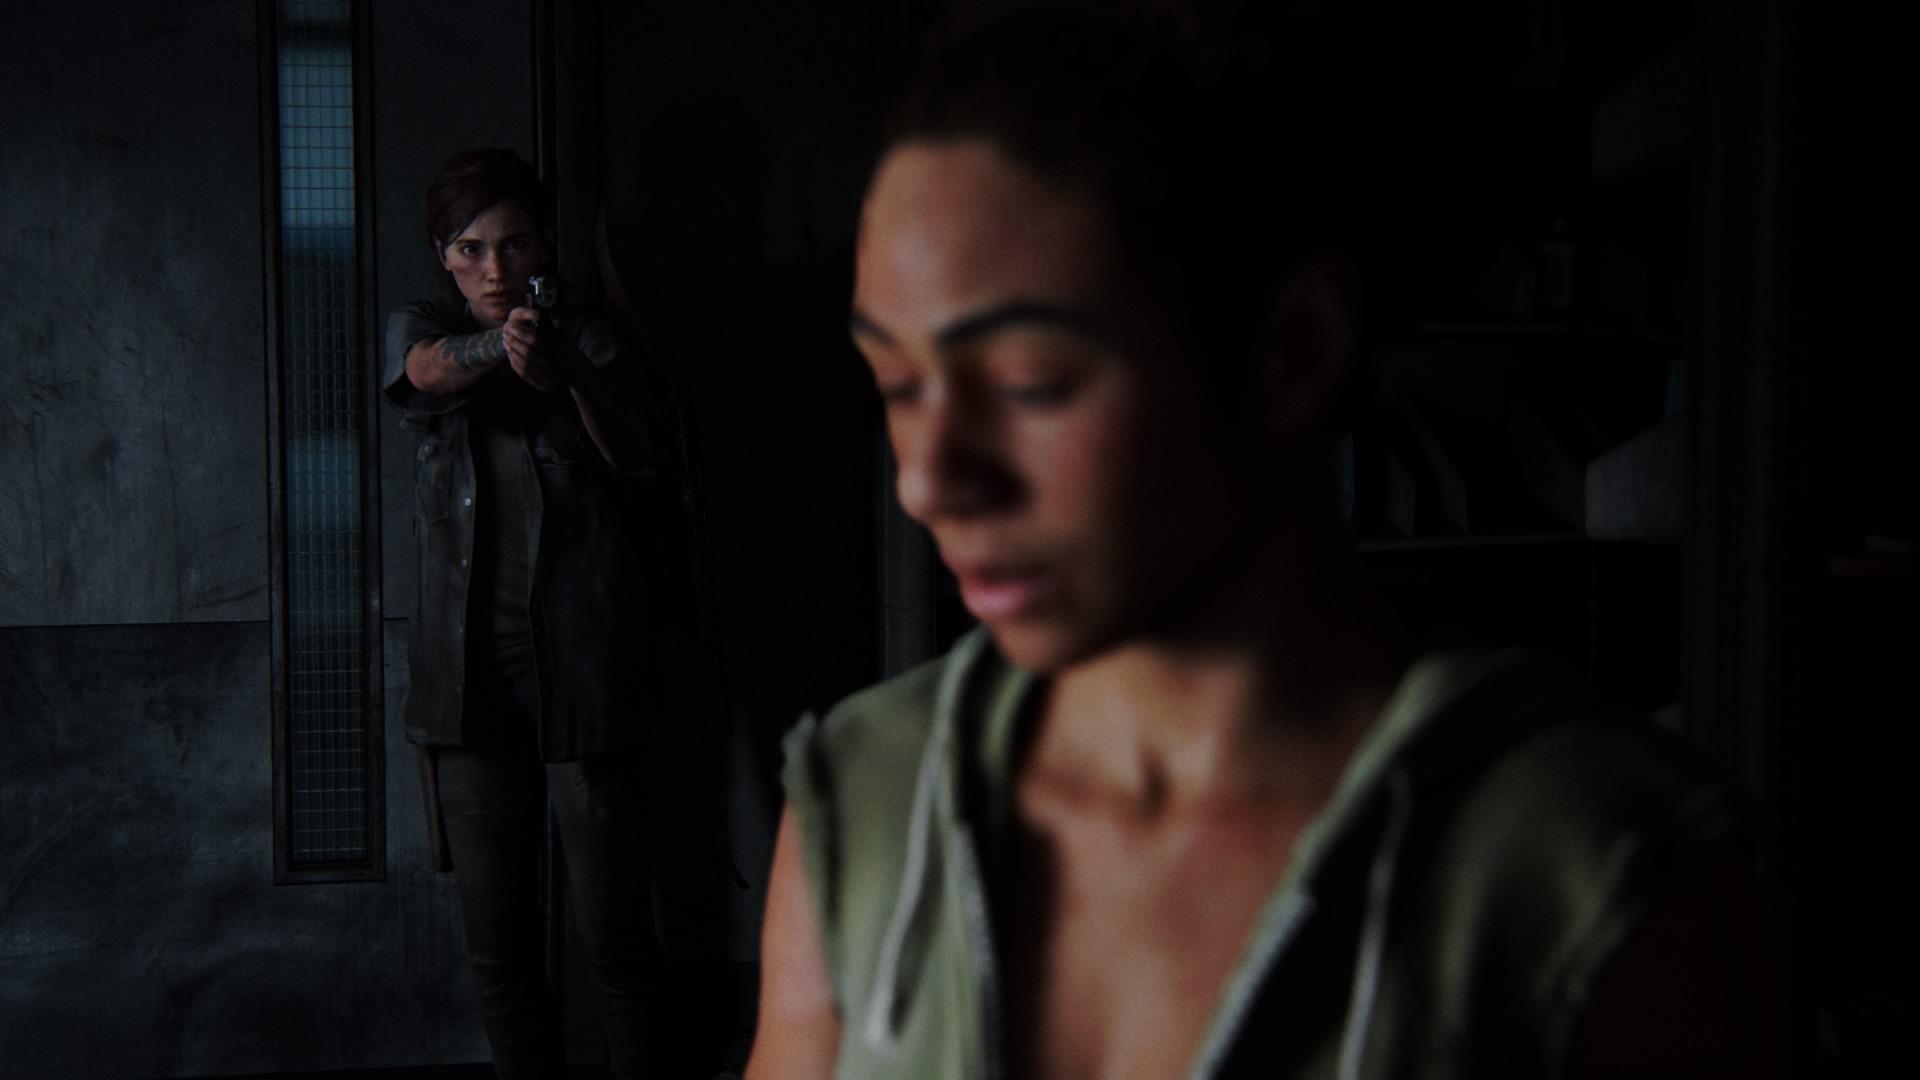 Endlich Findet Ellie Nora Und Will Von Ihr Wissen, Wo Abby Ist.